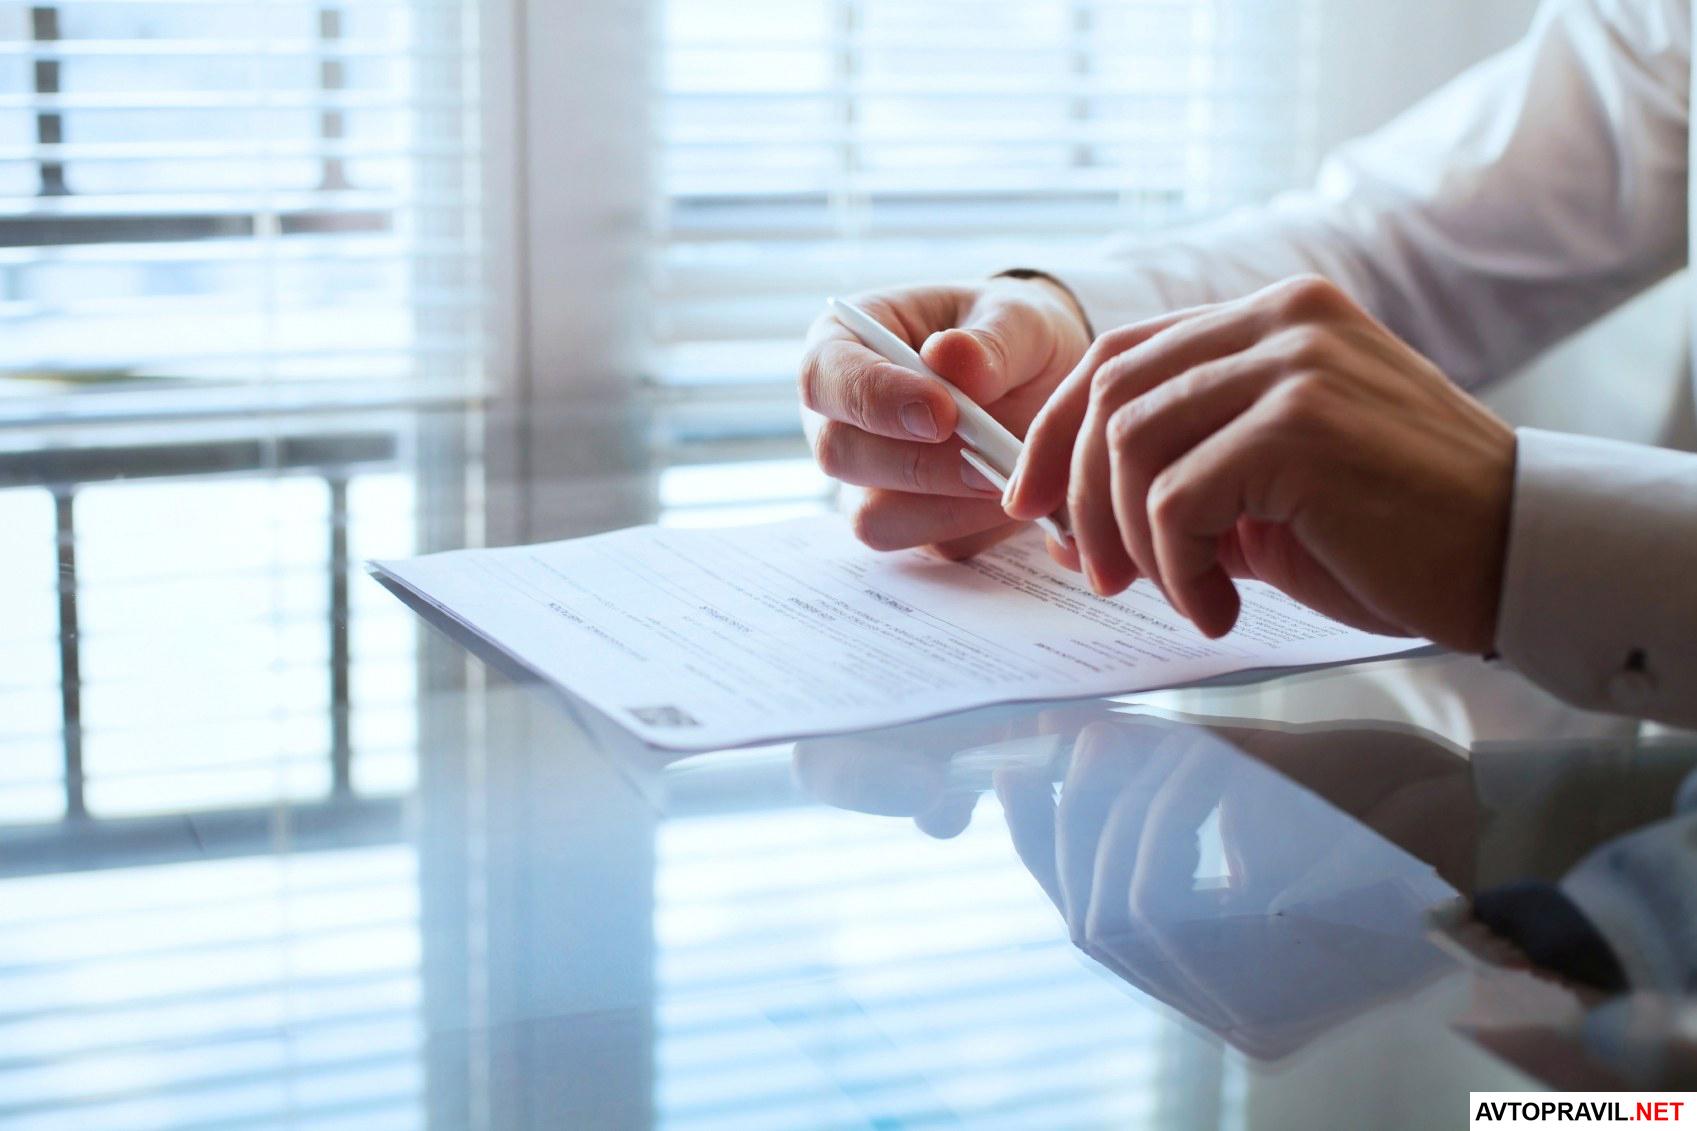 документ на столе, ручка в руках